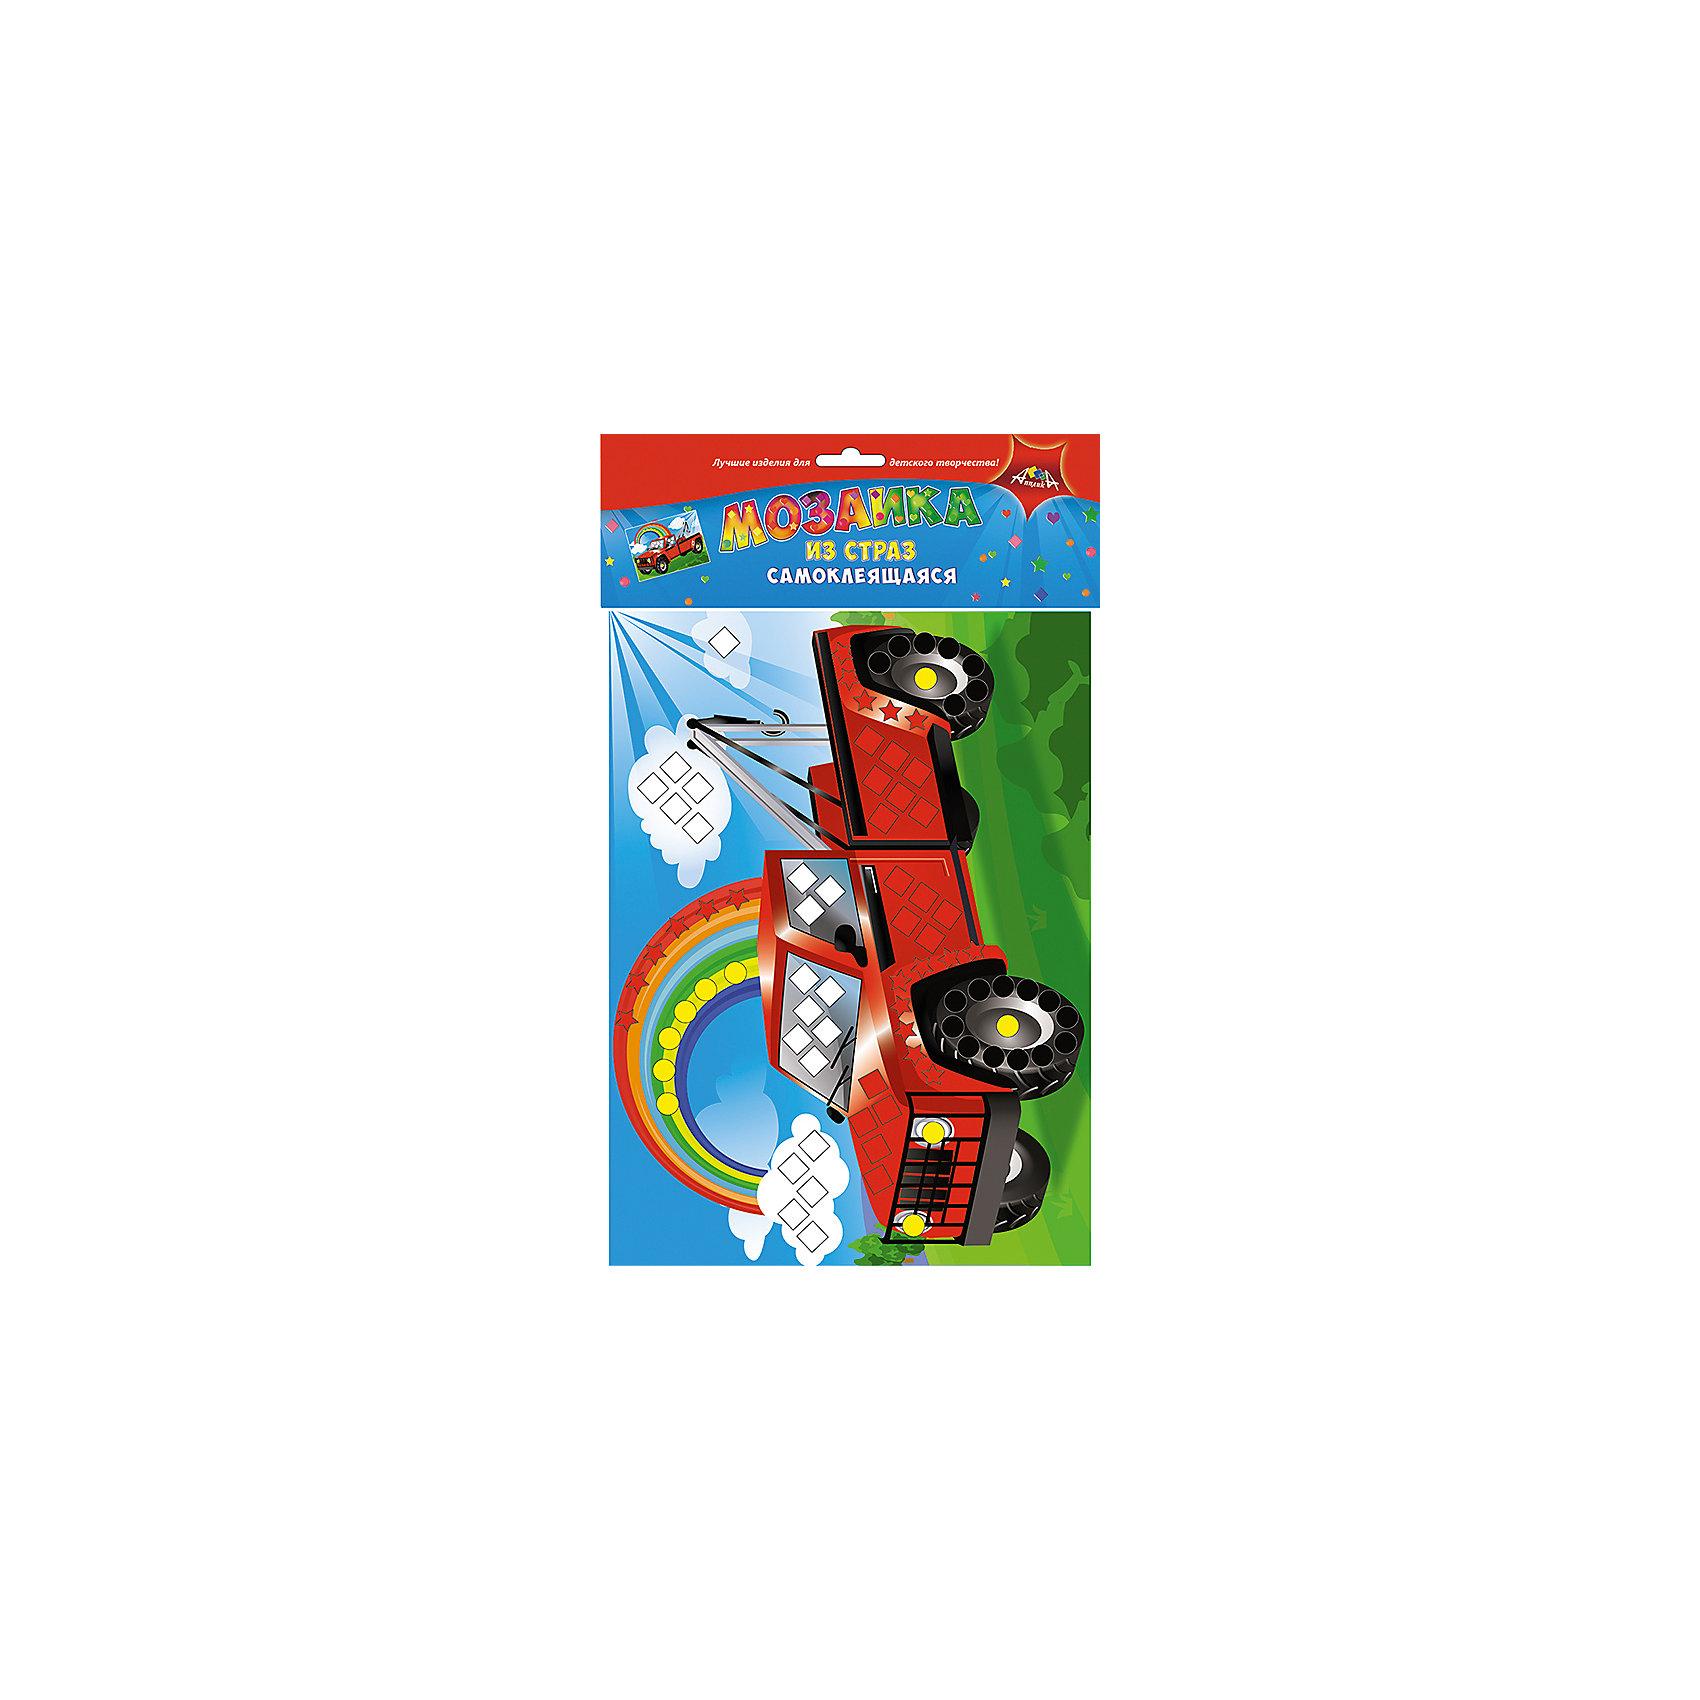 Набор для детского творчества Мозаики для самых маленьких Ракета-Грузовик-Рыбки, ГрушиТворчество для малышей<br>Порадуйте вашего ребенка набором для творчества Мозаика для самых маленьких. Набор состоит из мягкой мозаики из ЭВЫ, 2-х наборов мозаики из страз и Игры-Шнуровки Фрукты. Игра-шнуровка развивает мелкую моторику. Мозаики очень просты в использовании. На цветную картонную основу приклейте элементы из самоклеящегося мягкого пластика или цветного пластика. Каждому элементу соответствует свой цвет на рисунке. Будьте внимательны, и у Вас получится замечательная объемная аппликация<br><br>Ширина мм: 340<br>Глубина мм: 220<br>Высота мм: 28<br>Вес г: 195<br>Возраст от месяцев: 36<br>Возраст до месяцев: 2147483647<br>Пол: Унисекс<br>Возраст: Детский<br>SKU: 7033669